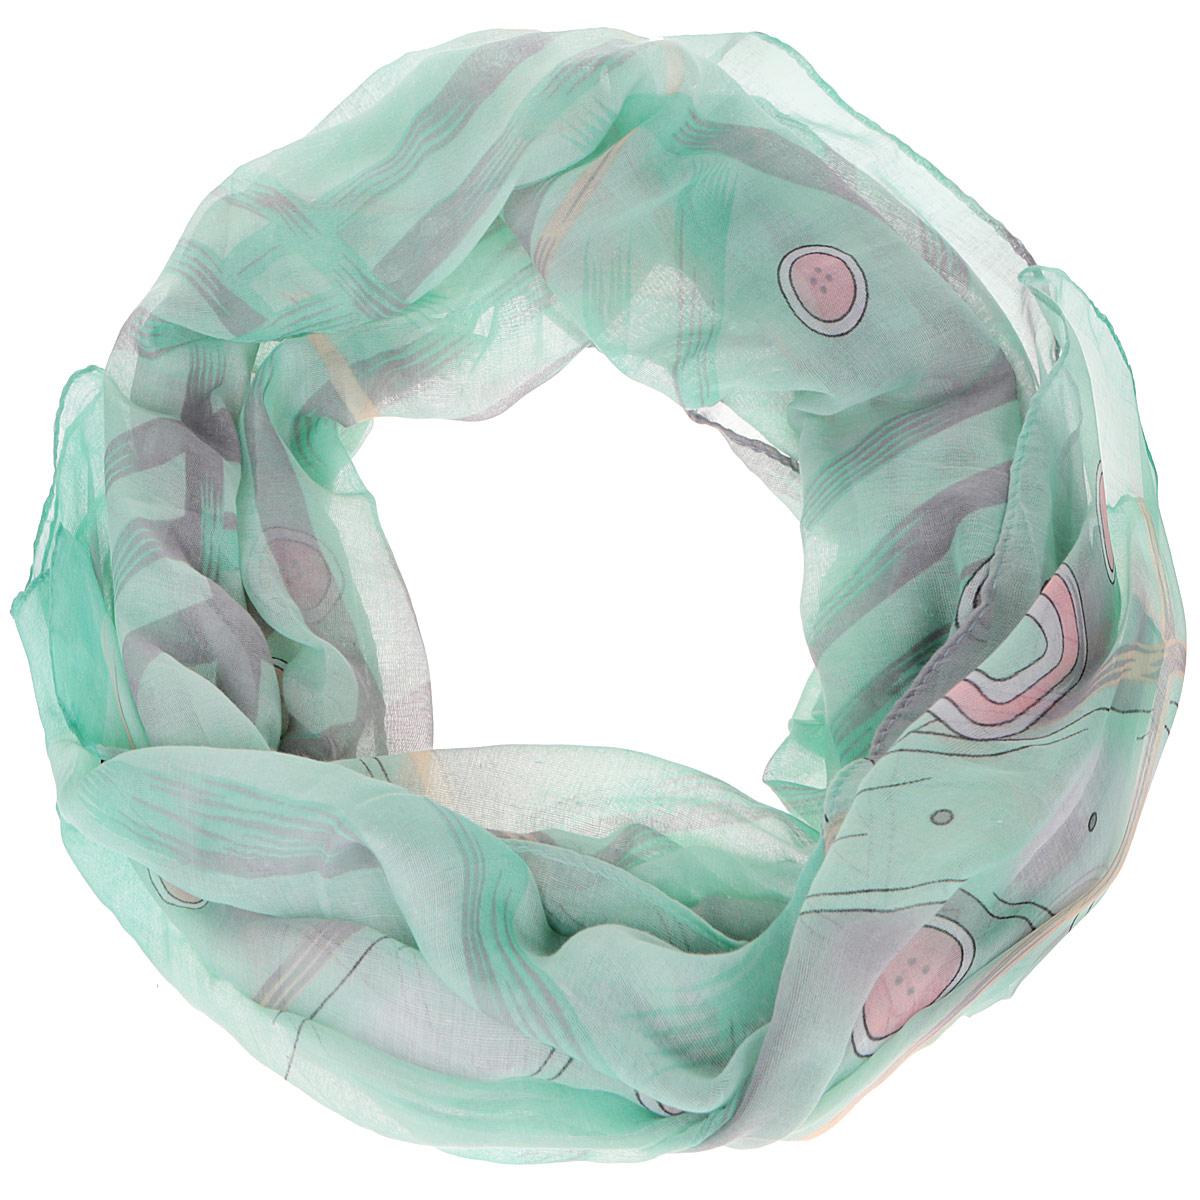 ШарфTUT318-1Модный женский шарф Fabretti подарит вам уют и станет стильным аксессуаром, который призван подчеркнуть вашу индивидуальность и женственность. Тонкий шарф выполнен из высококачественной 100% вискозы, он невероятно мягкий и приятный на ощупь. Шарф оформлен принтом с изображением пуговиц и ремешков. Этот модный аксессуар гармонично дополнит образ современной женщины, следящей за своим имиджем и стремящейся всегда оставаться стильной и элегантной. Такой шарф украсит любой наряд и согреет вас в непогоду, с ним вы всегда будете выглядеть изысканно и оригинально.